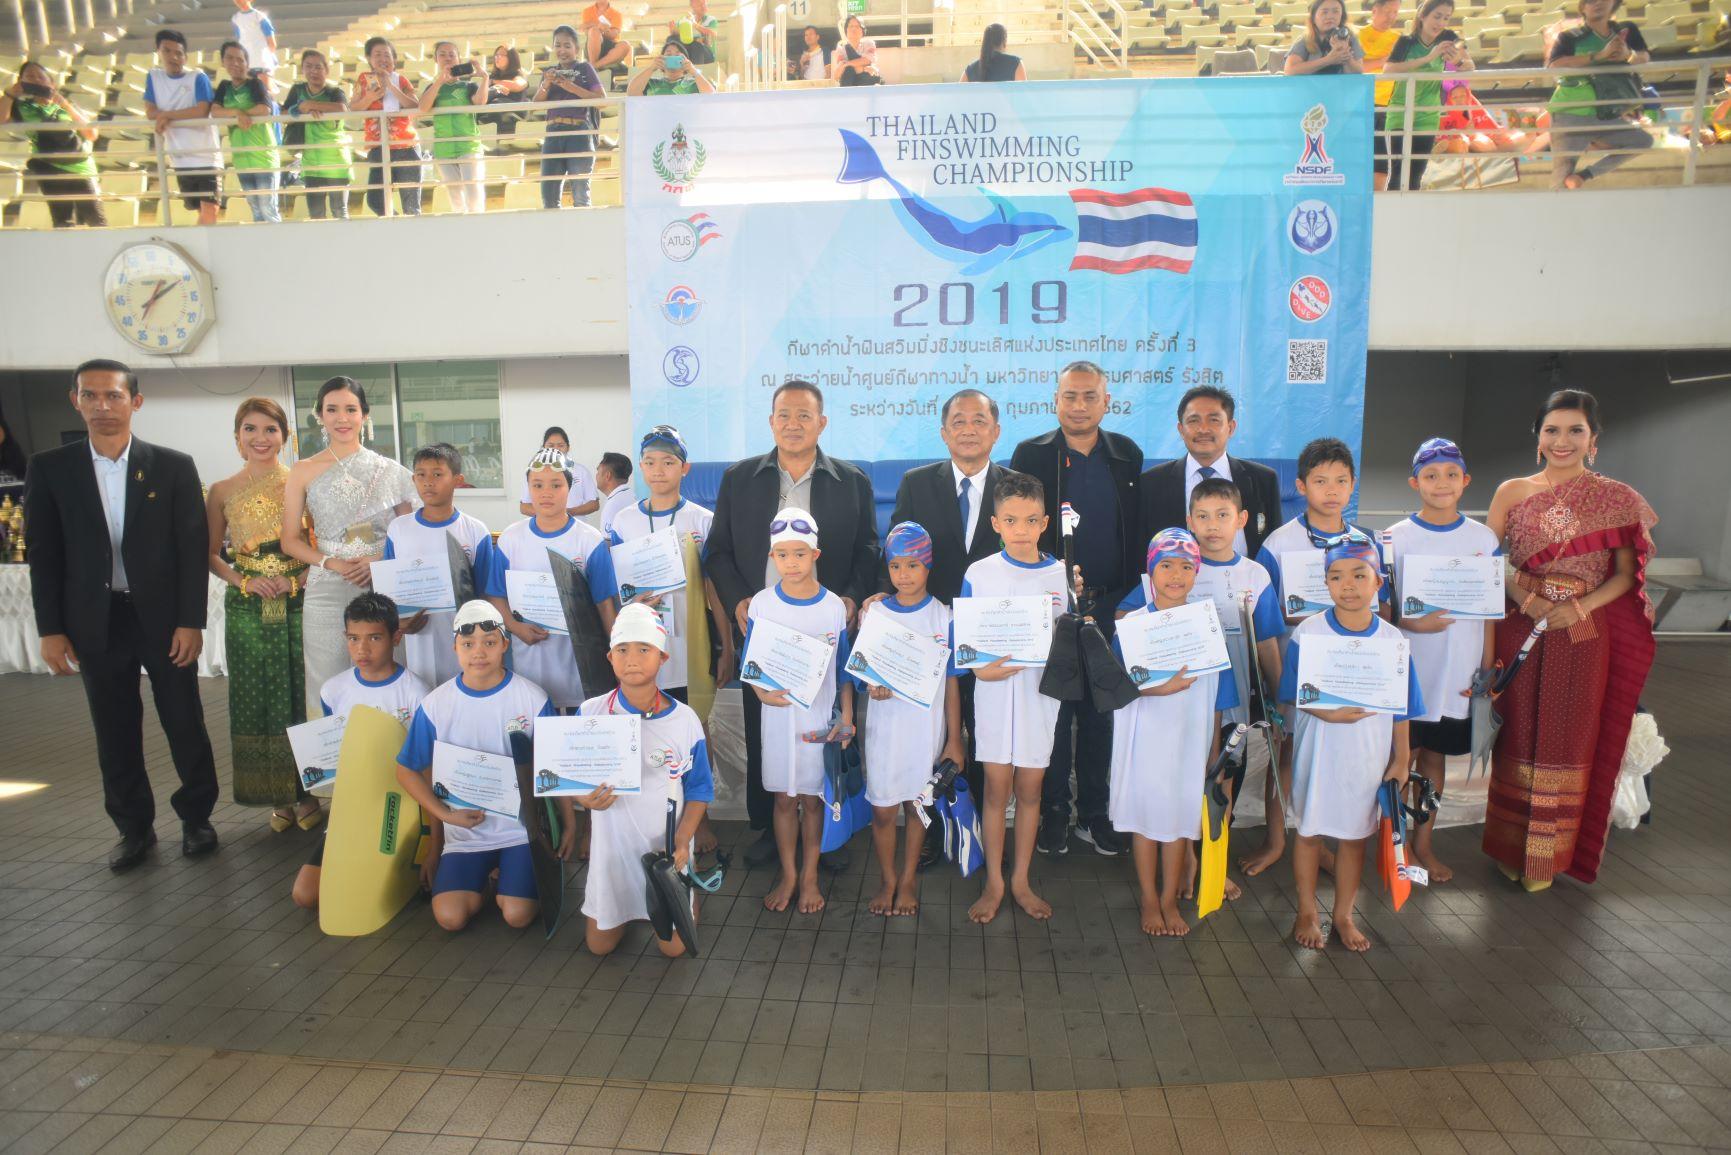 การแข่งขันกีฬาดำน้ำชิงแชมป์แห่งประเทศไทย ครั้งที่ 3 ระหว่างวันที่ 20-24 กุมภาพันธ์ 2562 ณ ศูนย์กีฬาทางน้ำมหาวิทยาลัยธรรมศาสตร์รังสิต